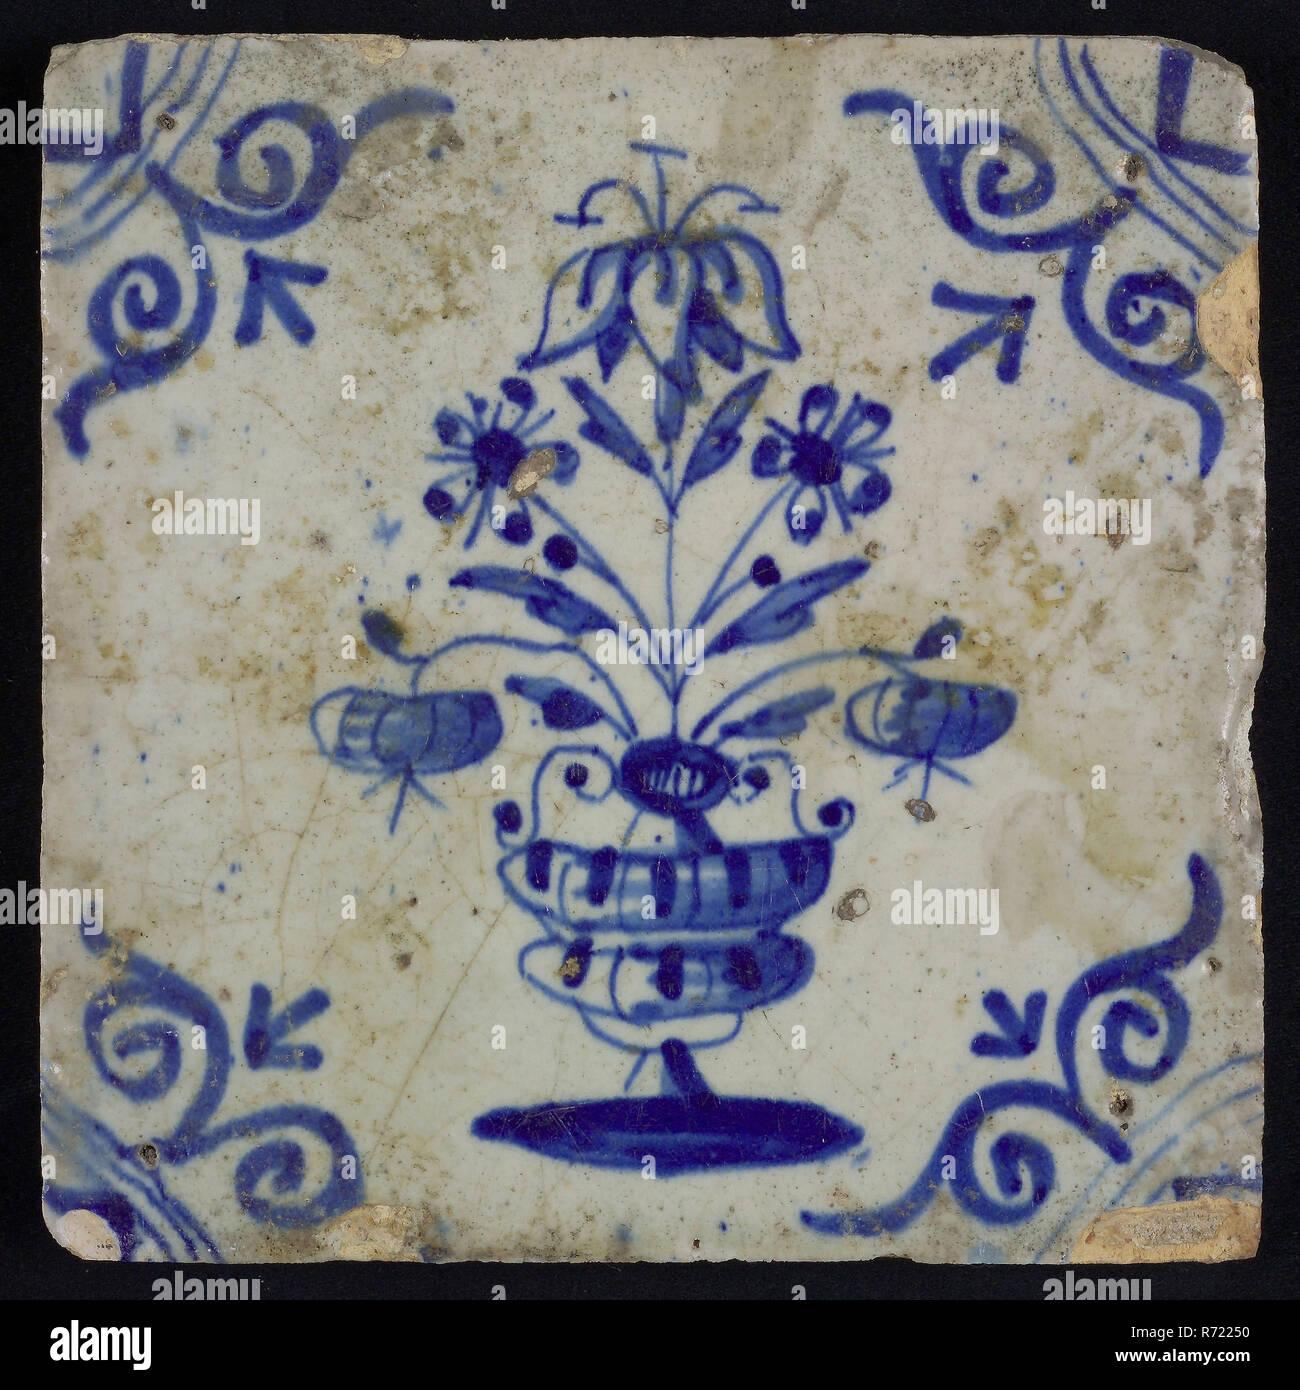 Fliesen, Blumentopf, blaues Dekor weiß, Ecke Füller ox Kopf, wandfliese Kachel skulptur keramik Steingut Emaille tinglage, in Form gebacken, glasiert gebackene Wand Fliese gemalt mit blauem Dekor weiß Zentrale Darstellung von Blumentopf. Orange-gelben Shard. Rasiert Töpferei. Ecke füllen großen Ochsen Kopf leicht schräg Seiten Fliesen komplett mit Lack Schicht bedeckt zu sein scheint, aber vermutlich nicht absichtlich angewendet indigenen Töpferei Stockfoto